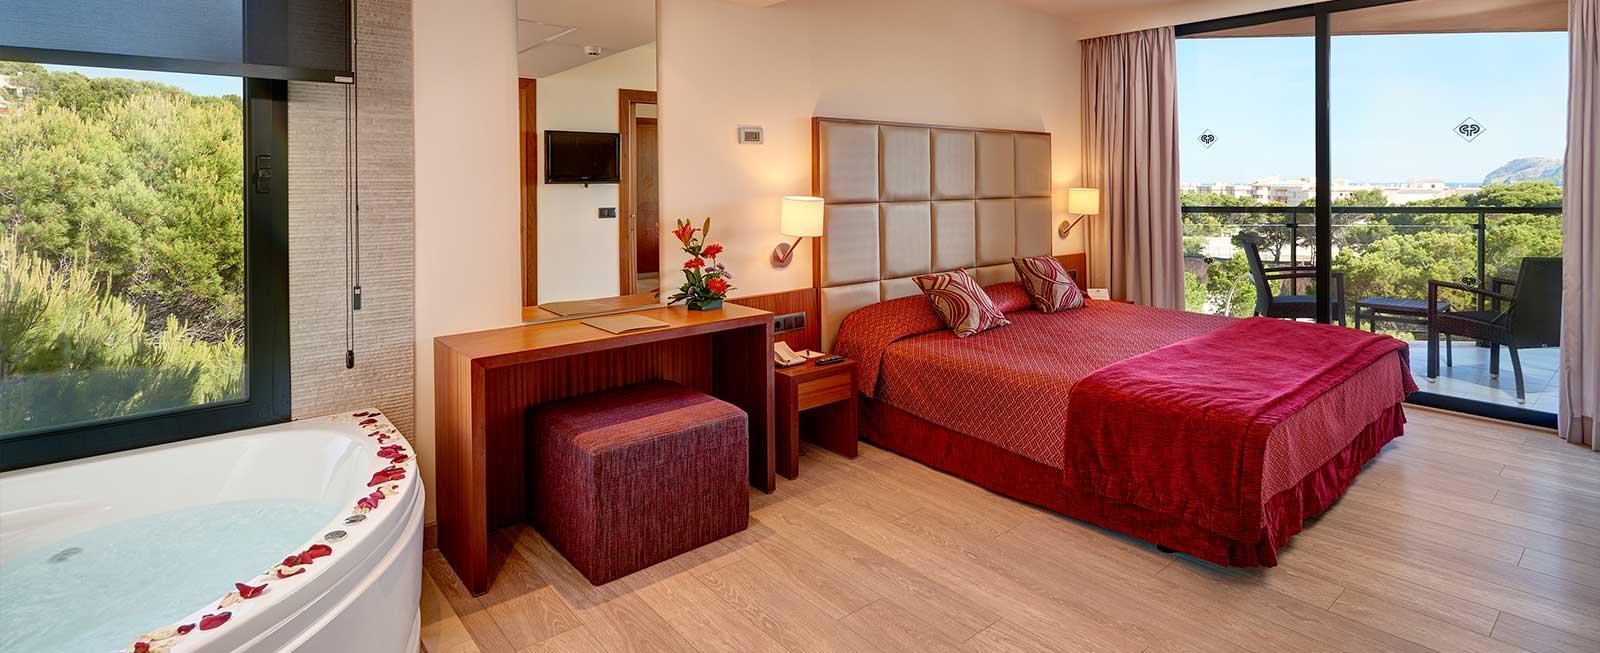 Junior Suite Superior Protur Turo Pins Hotel Spa Cala Rajada